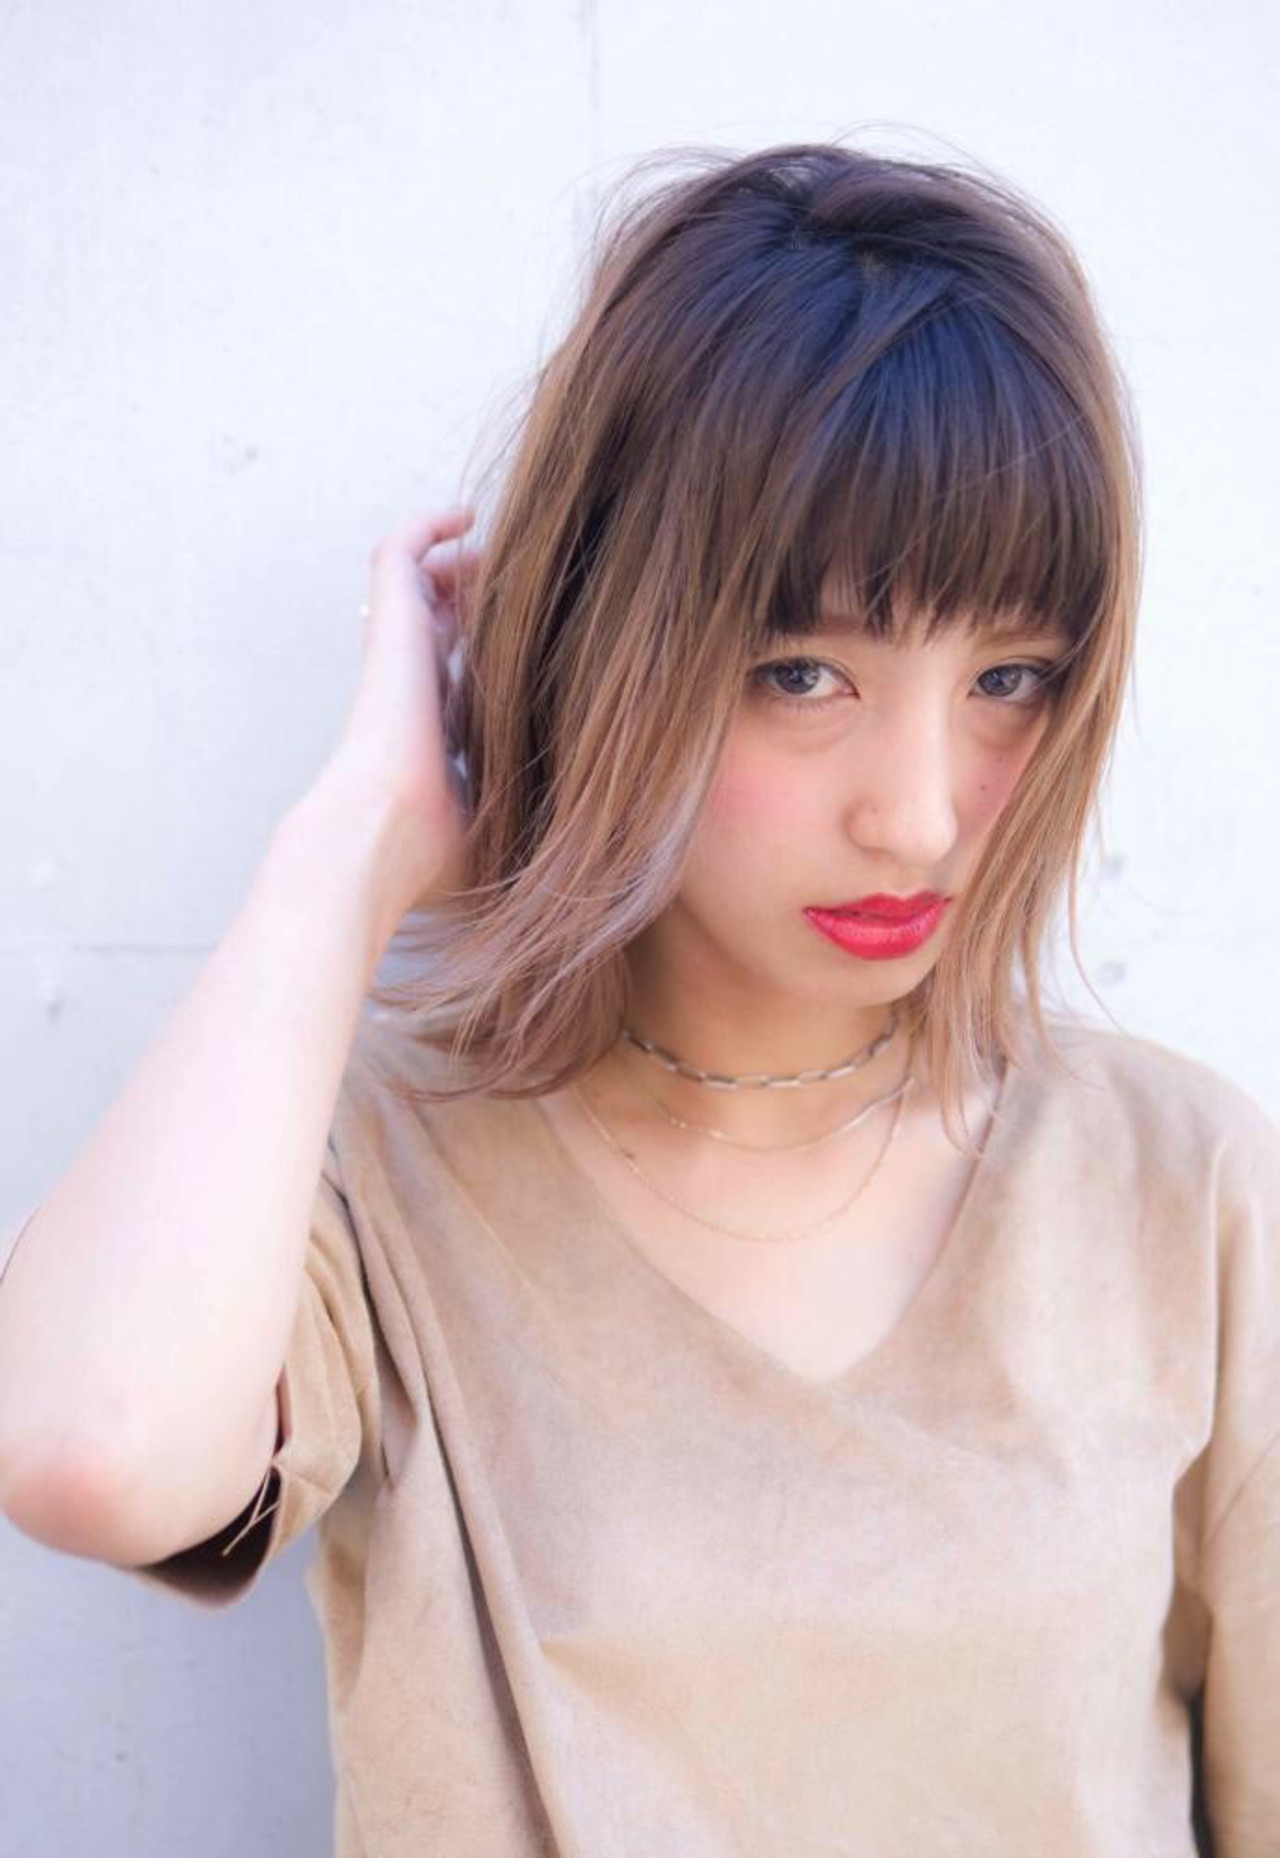 ヌーディベージュ グラデーションカラー ミルクティーベージュ ボブ ヘアスタイルや髪型の写真・画像